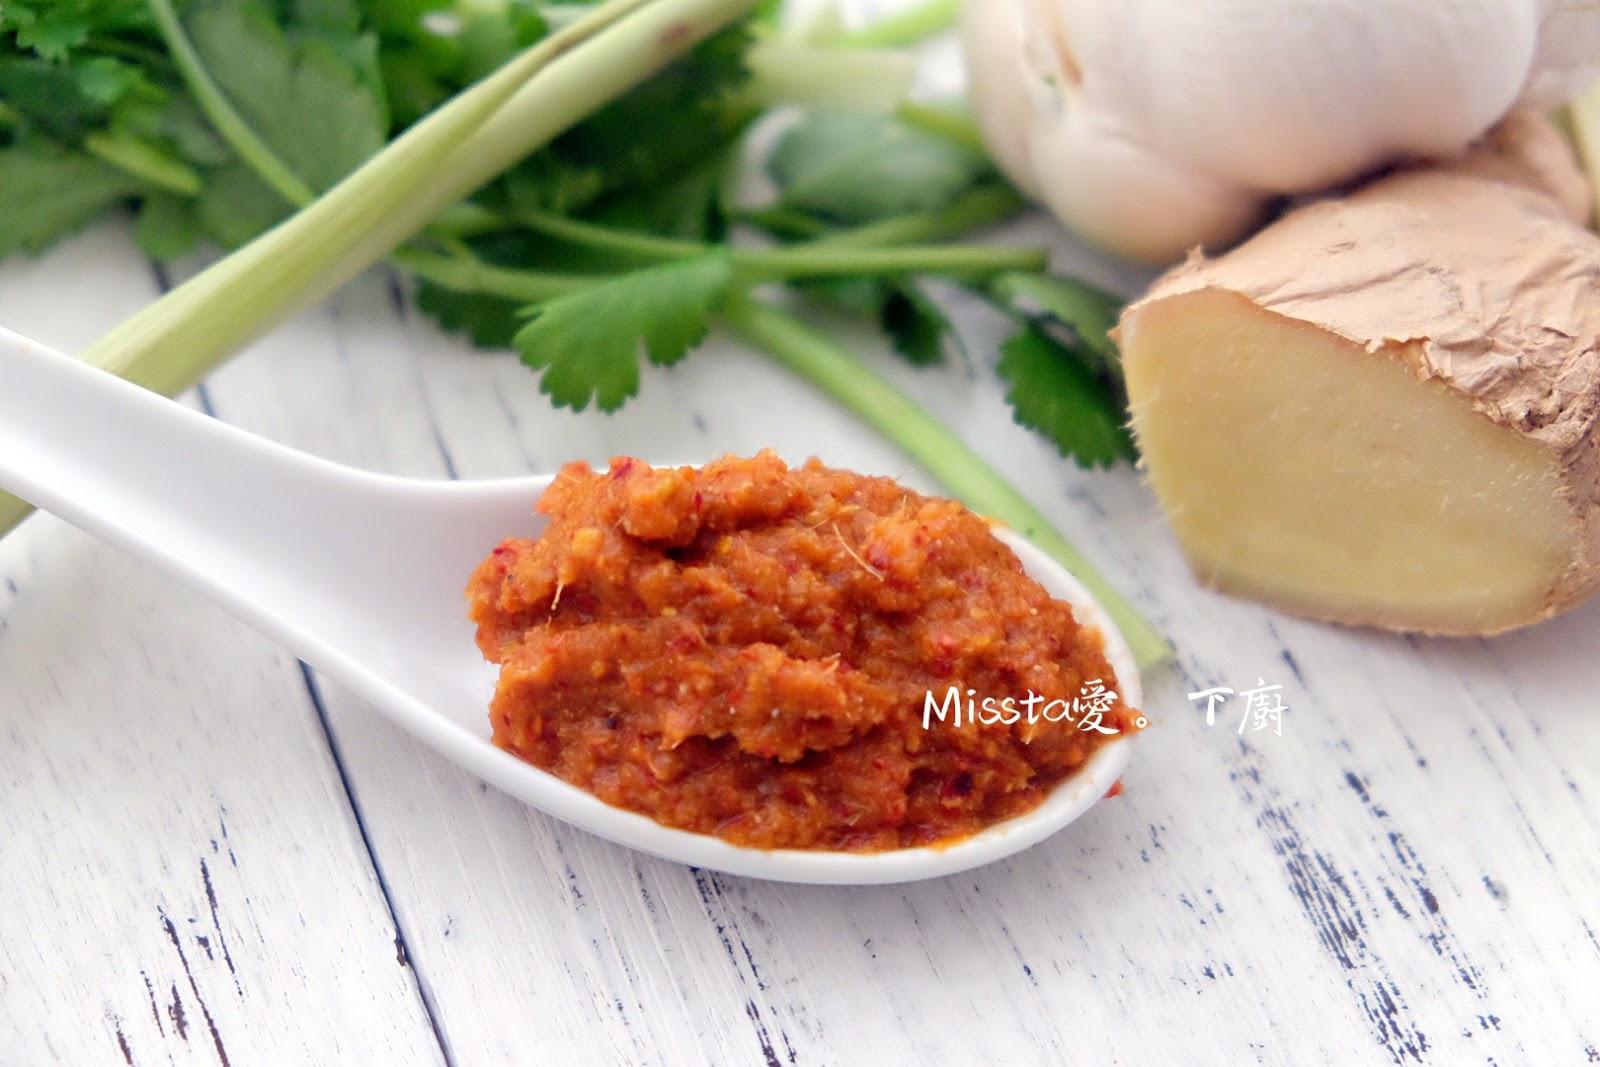 Missta's Kitchen: 自製泰式紅咖喱醬 Red Thai Curry Paste